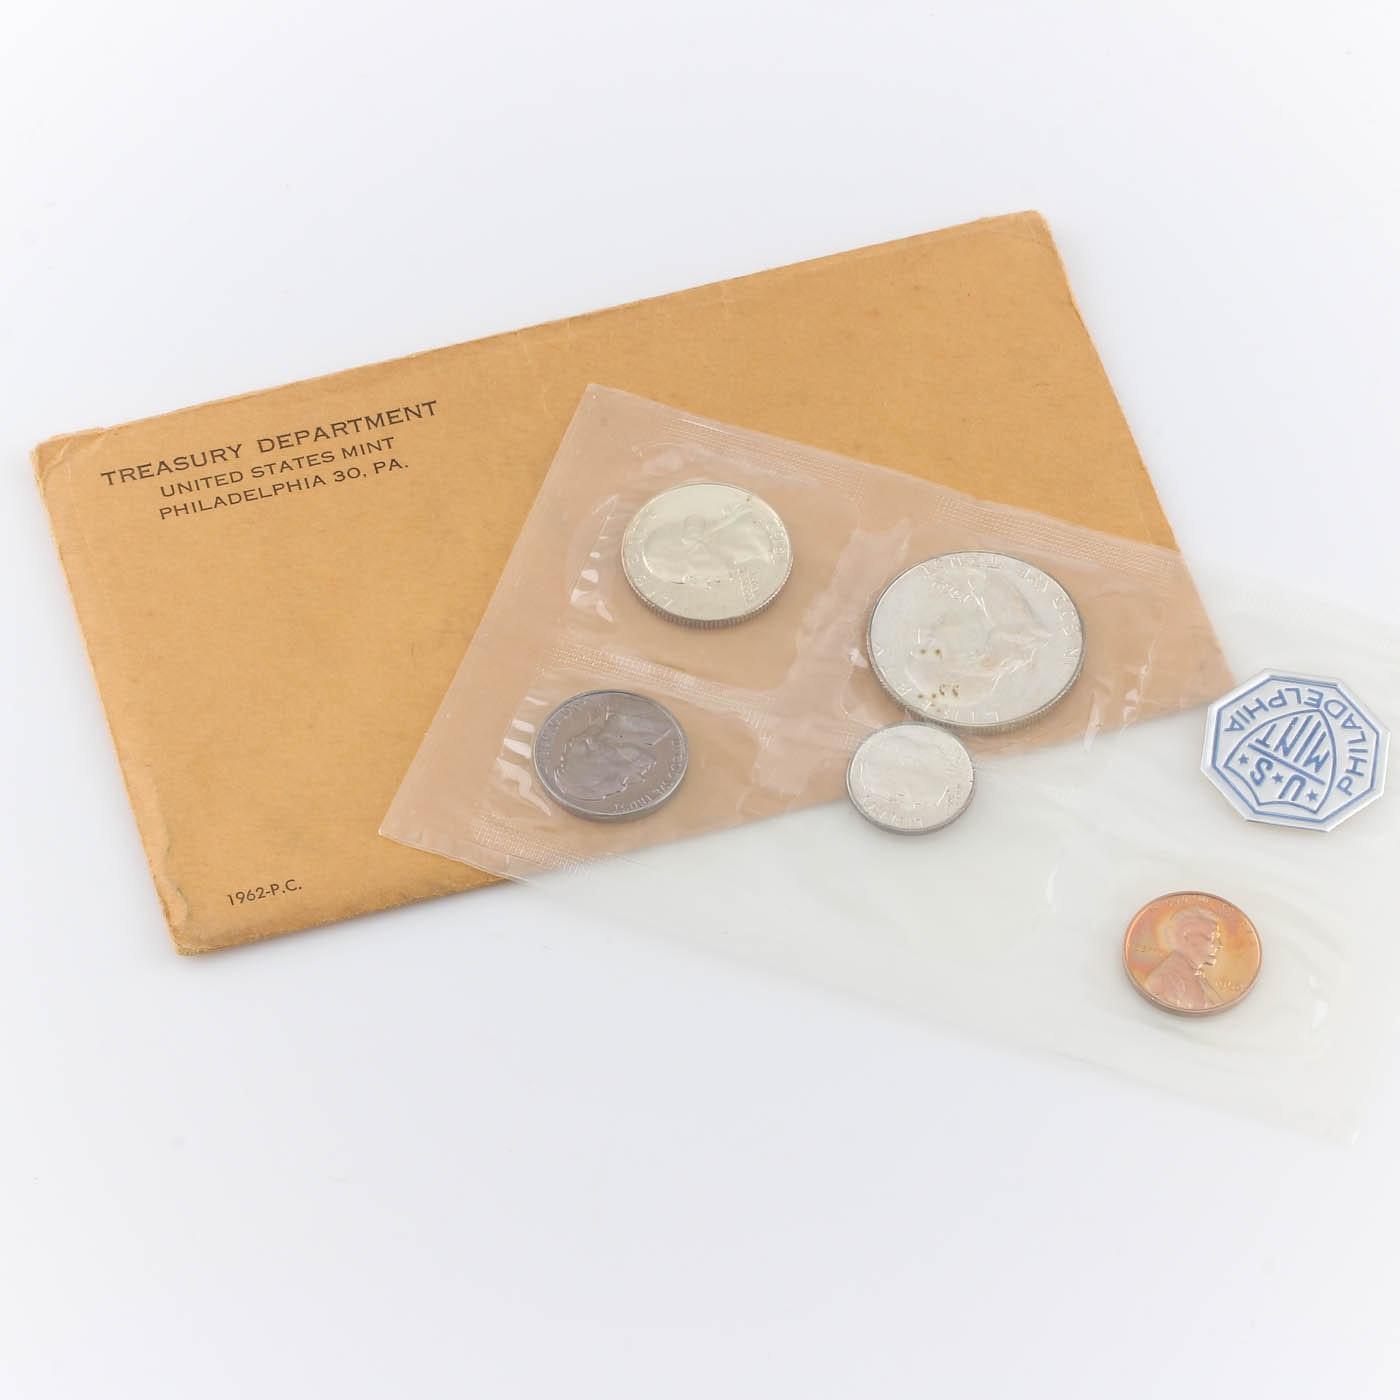 1962 U.S. Philadelphia Mint Proof Set